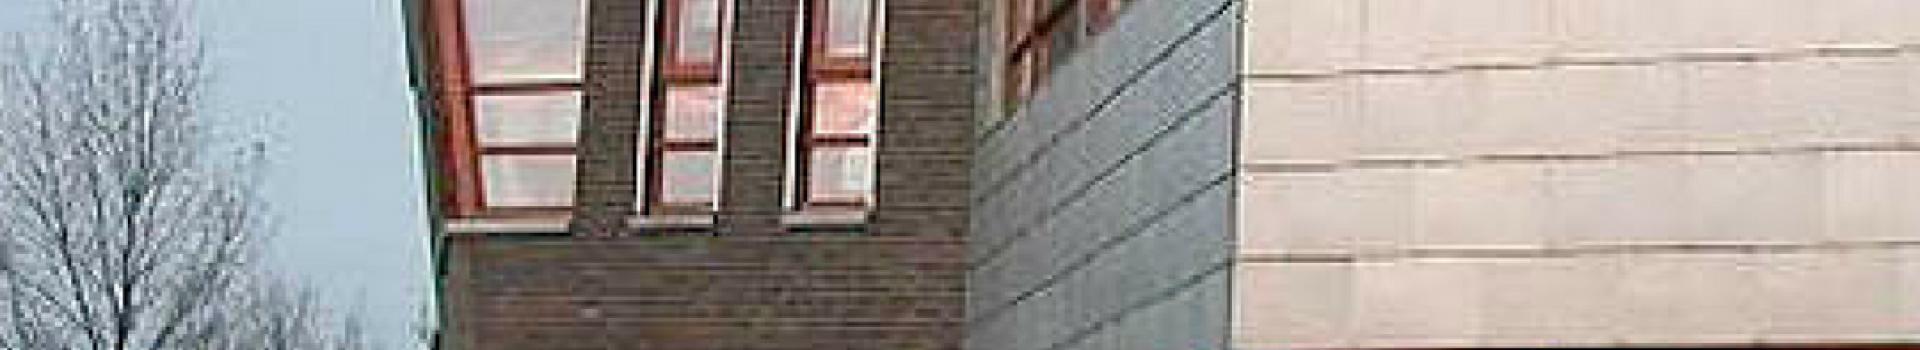 Kantoor Valkenburg, titanium losagnes